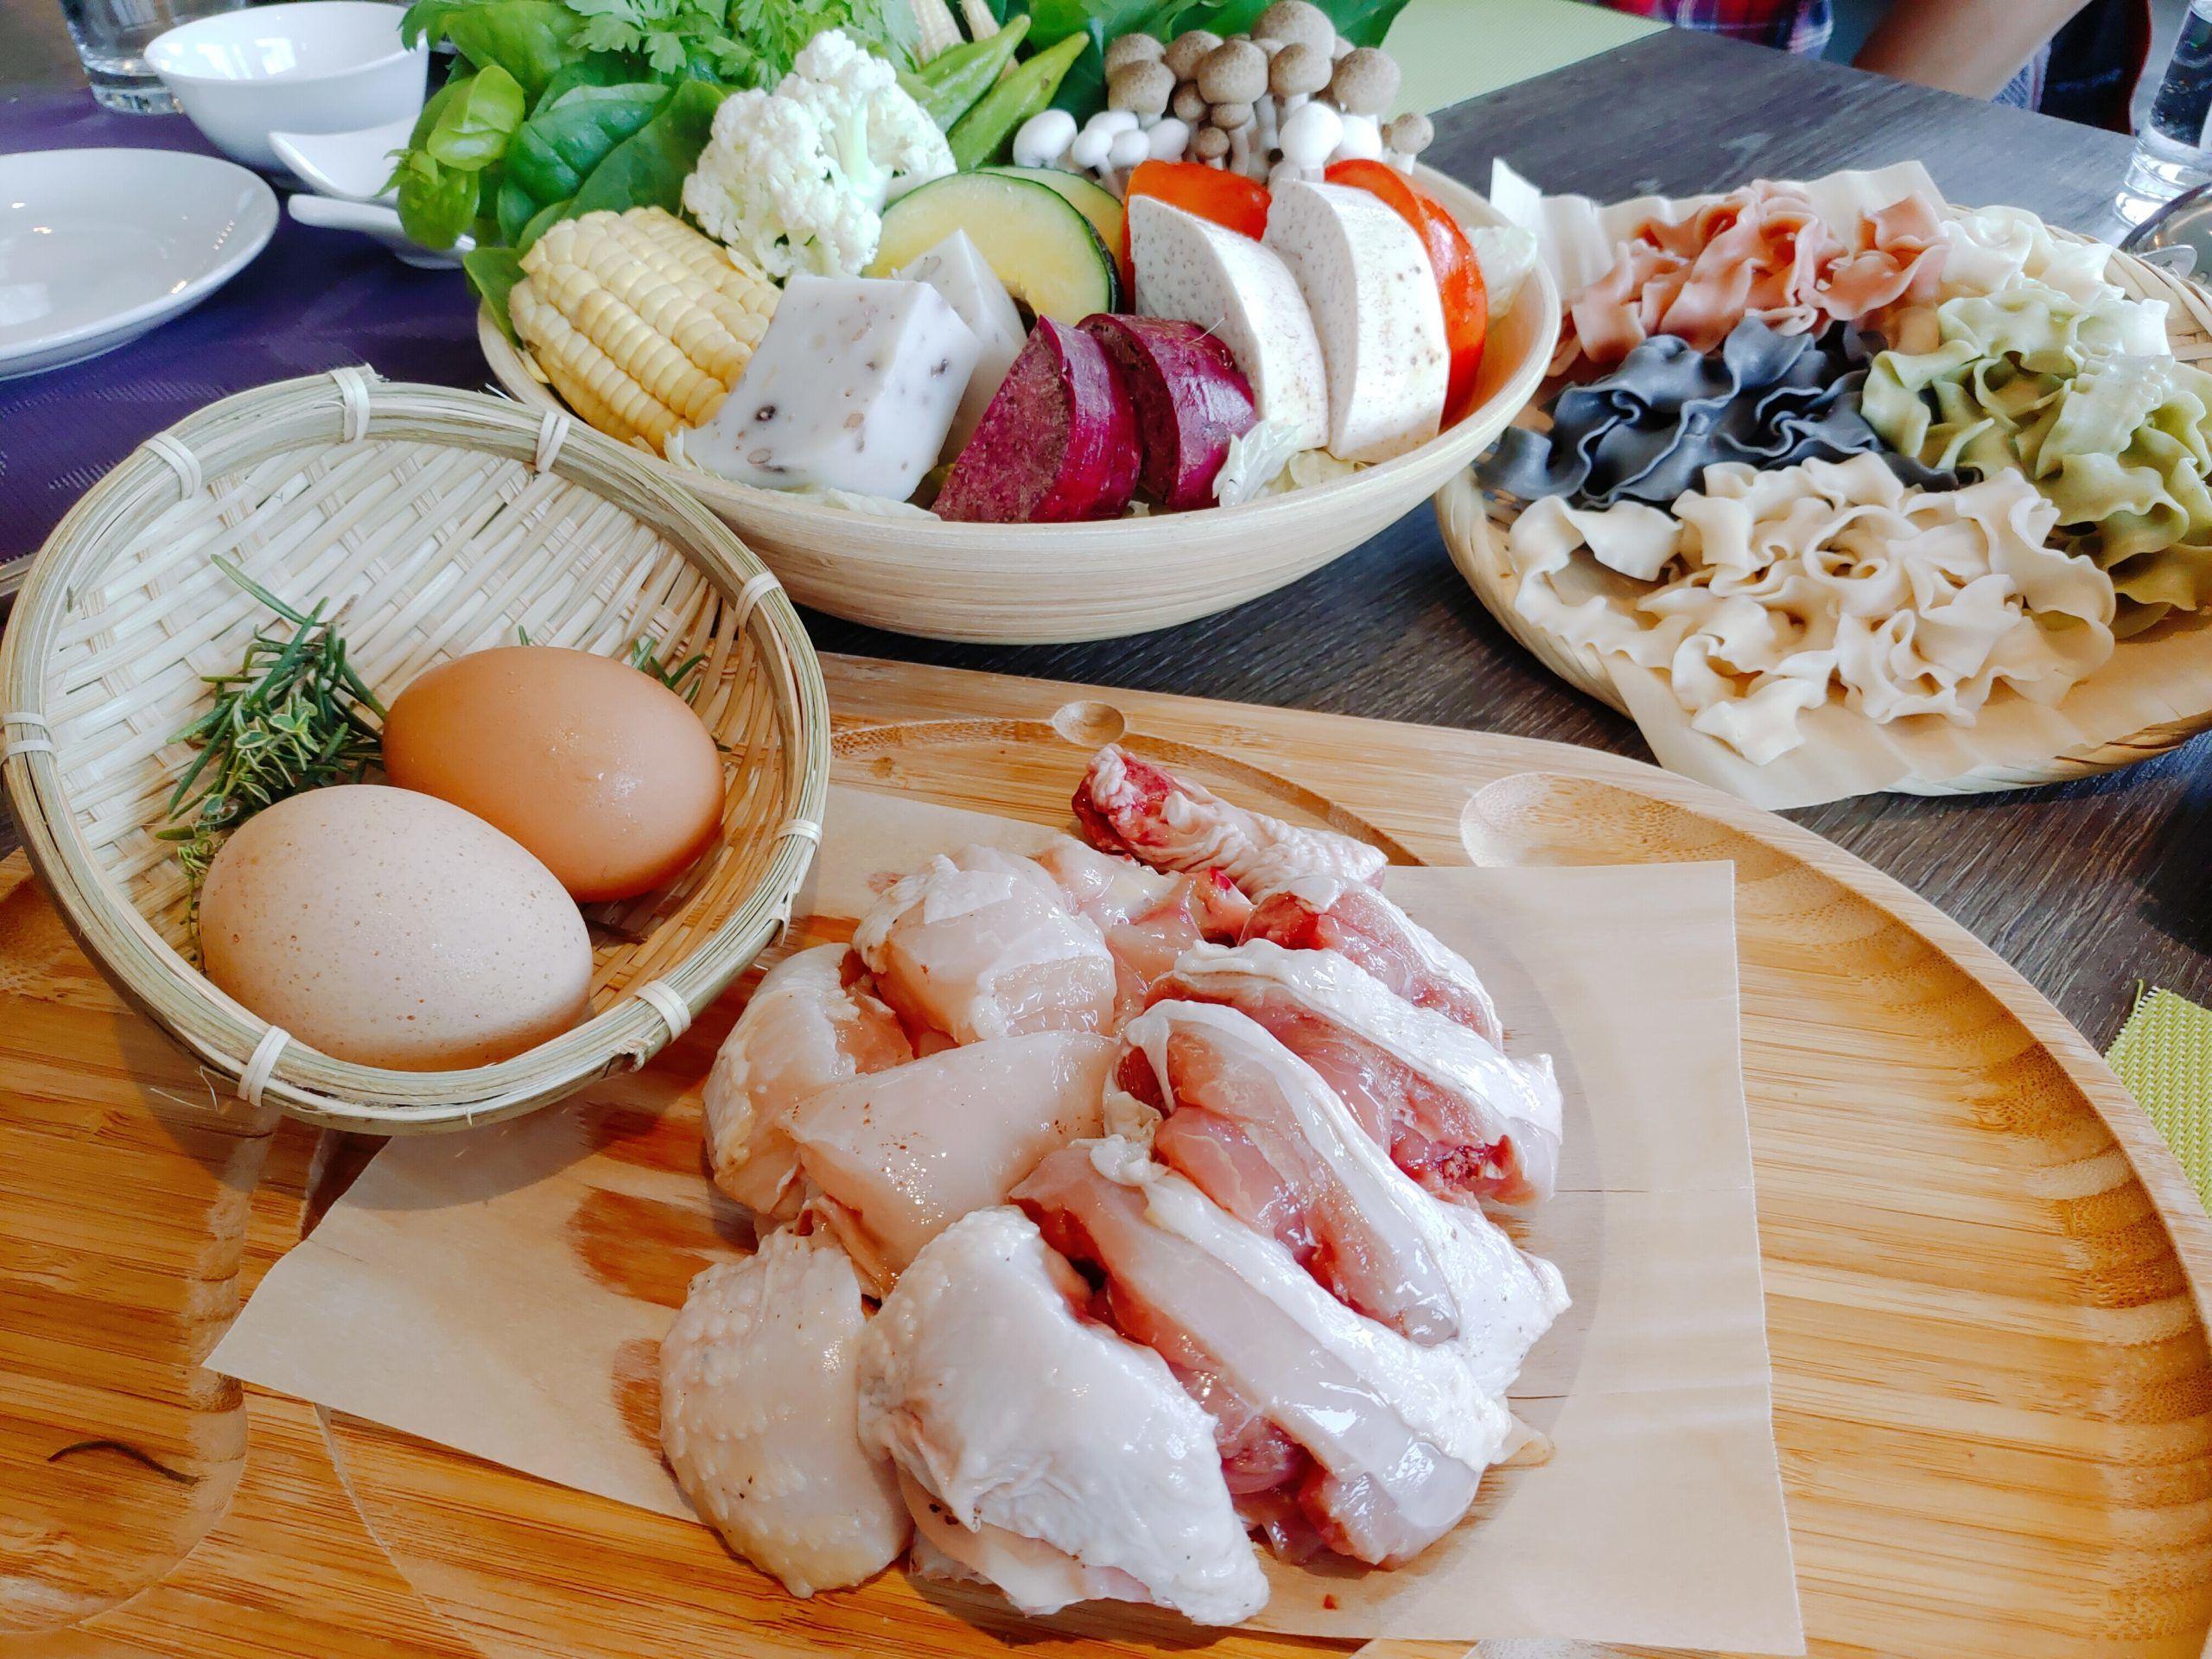 【花蓮吉安】秧悅千禧度假酒店|健康又滿溢香氣的香草雞肉火鍋|近鯉魚潭